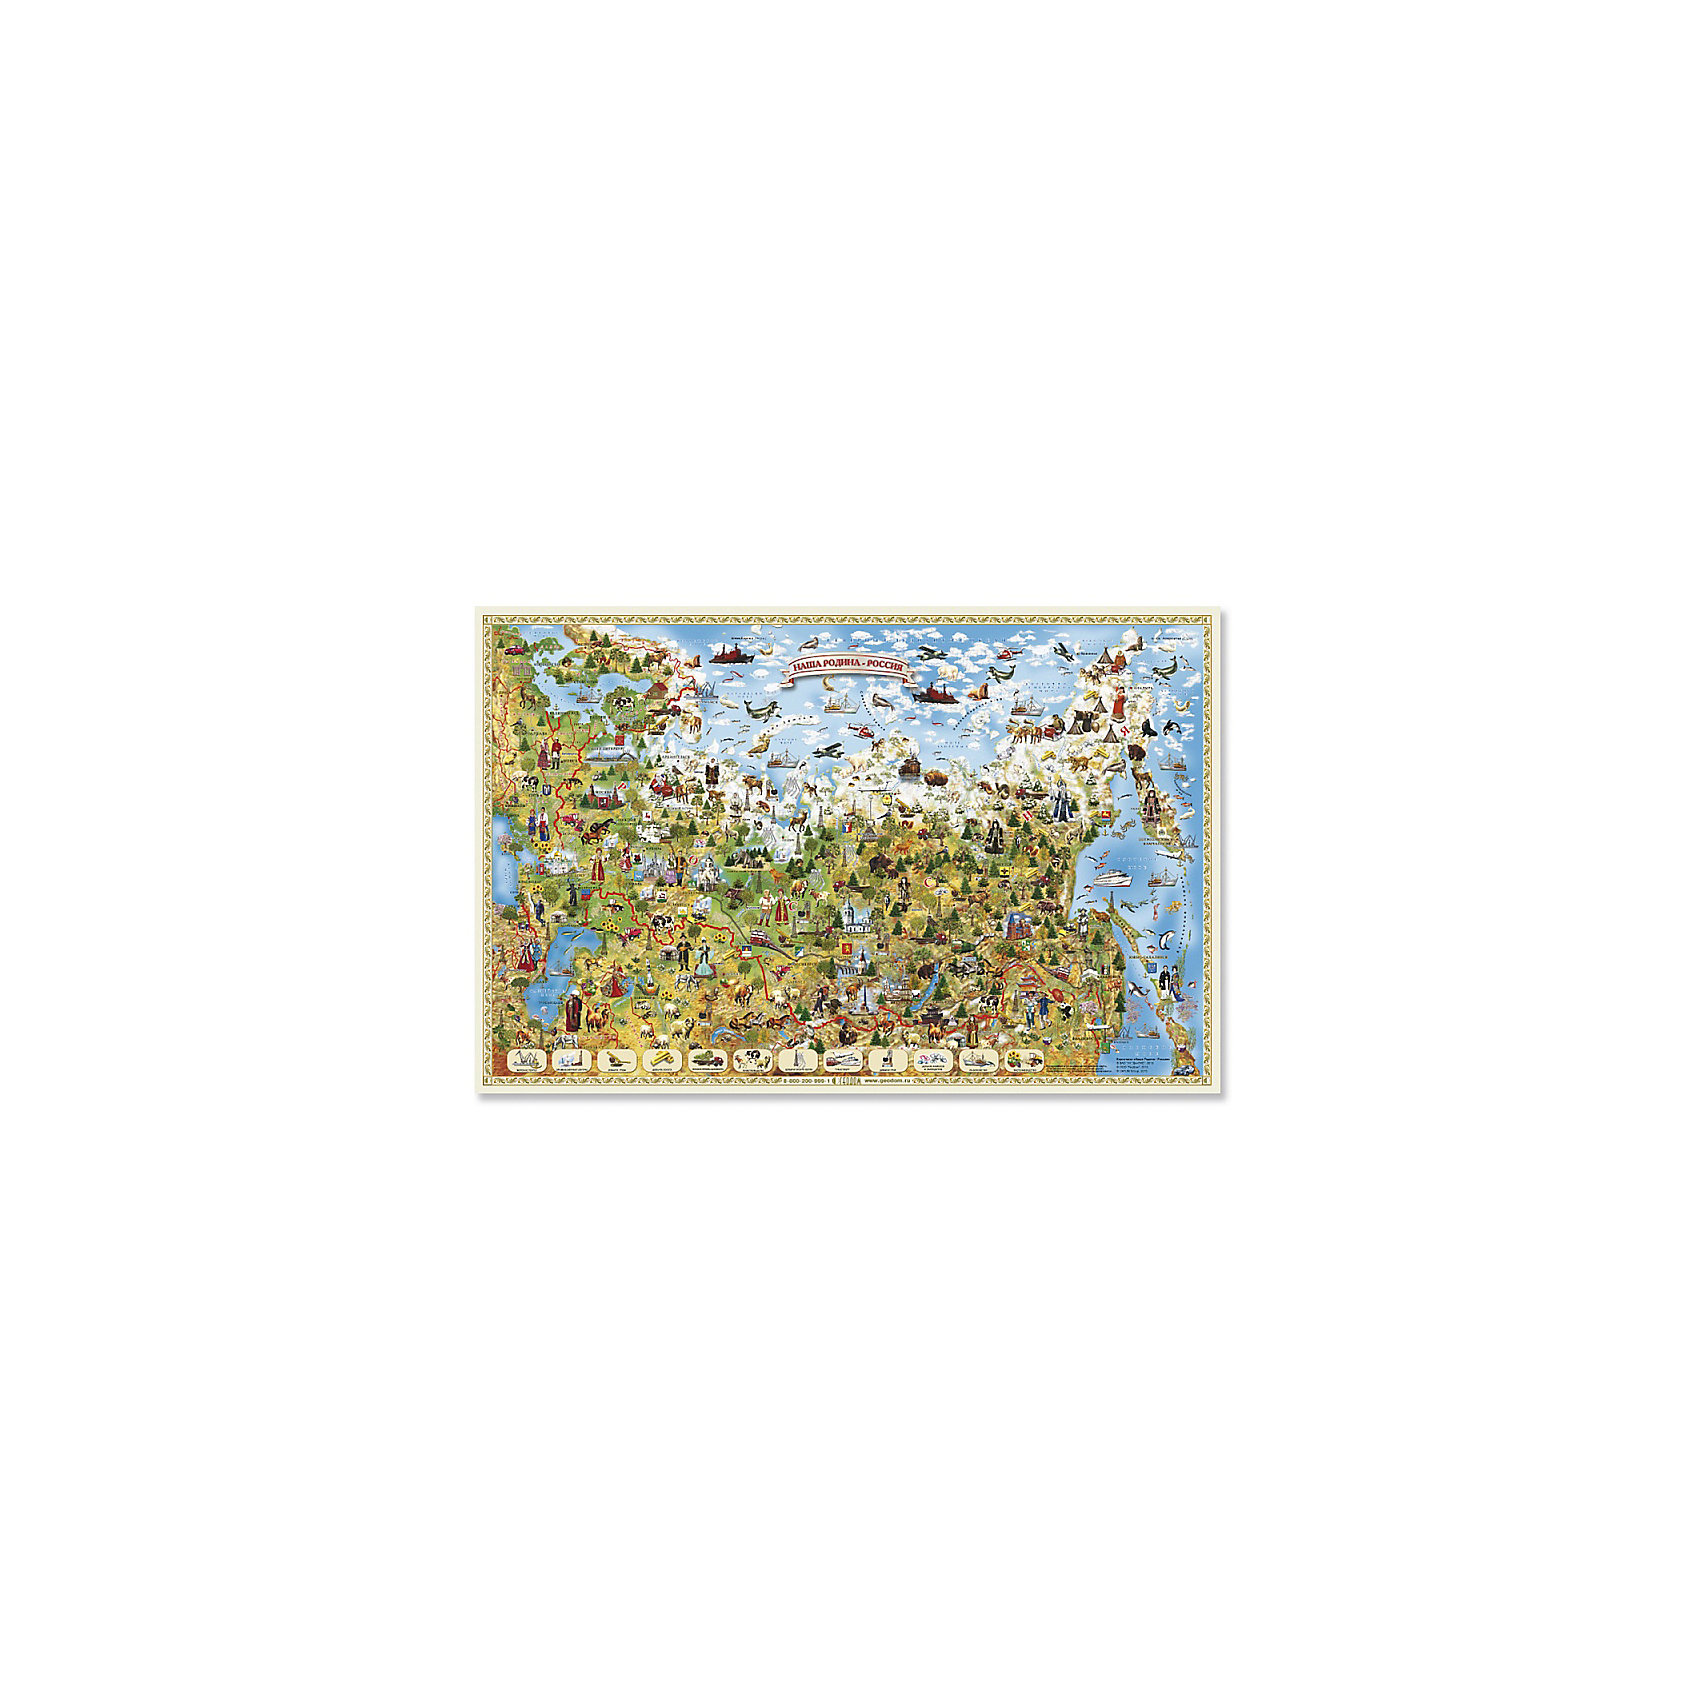 Настольная карта Россия наша Родина 58*38 см, ламинированнаяРоссия - самая большая страна в мире, занимает обширные пространства сразу в двух частях света - в Европе и Азии, граничит с 18 государствами. Здесь обитает огромное разнообразие животных и птиц, множество народов населяют нашу Родину. Благодаря карте Наша Родина -Россия ребенок может узнать как сказочно богата природными ресурсами наша страна, такими как золото, уголь, алмазы, газ; развито животноводство и сельское хозяйство. Двойная ламинация защитит карту от внешних повреждений и загрязнений.<br><br>Ширина мм: 580<br>Глубина мм: 380<br>Высота мм: 1<br>Вес г: 100<br>Возраст от месяцев: 36<br>Возраст до месяцев: 2147483647<br>Пол: Унисекс<br>Возраст: Детский<br>SKU: 5423002